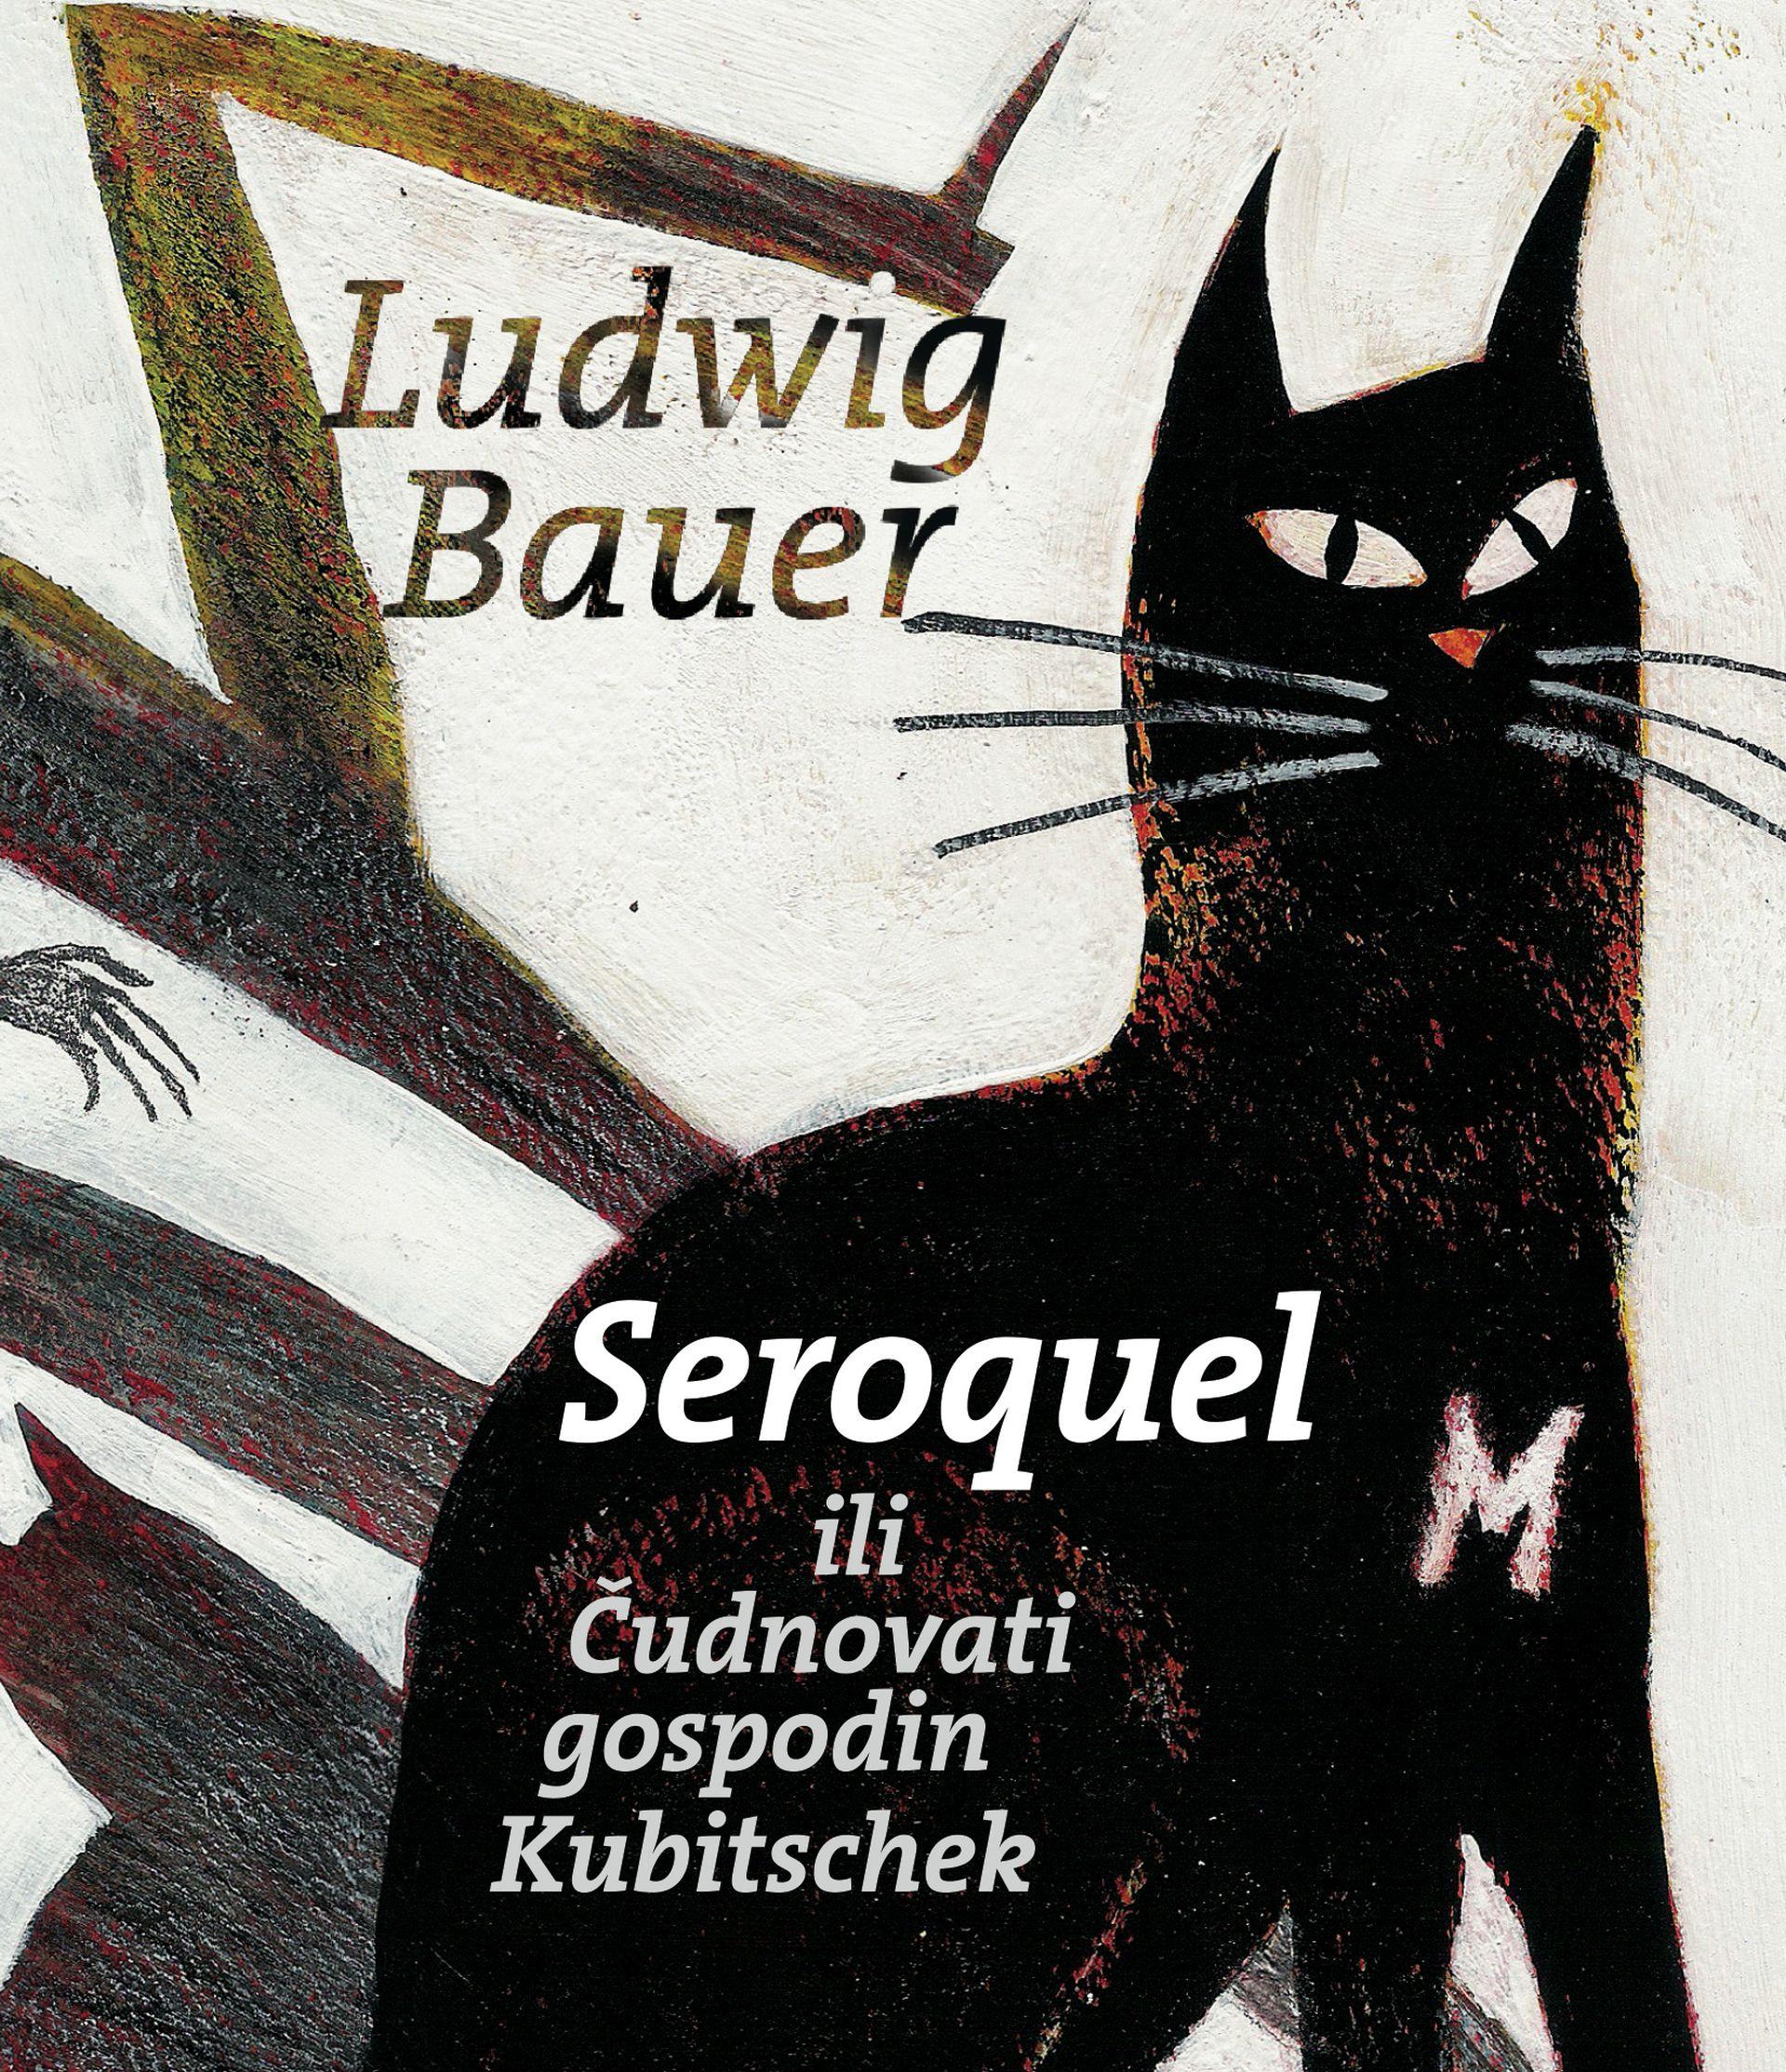 """NOVI ROMAN: Predstavljen """"Seroquel ili Čudnovati gospodin Kubitschek"""" Ludwiga Bauera"""